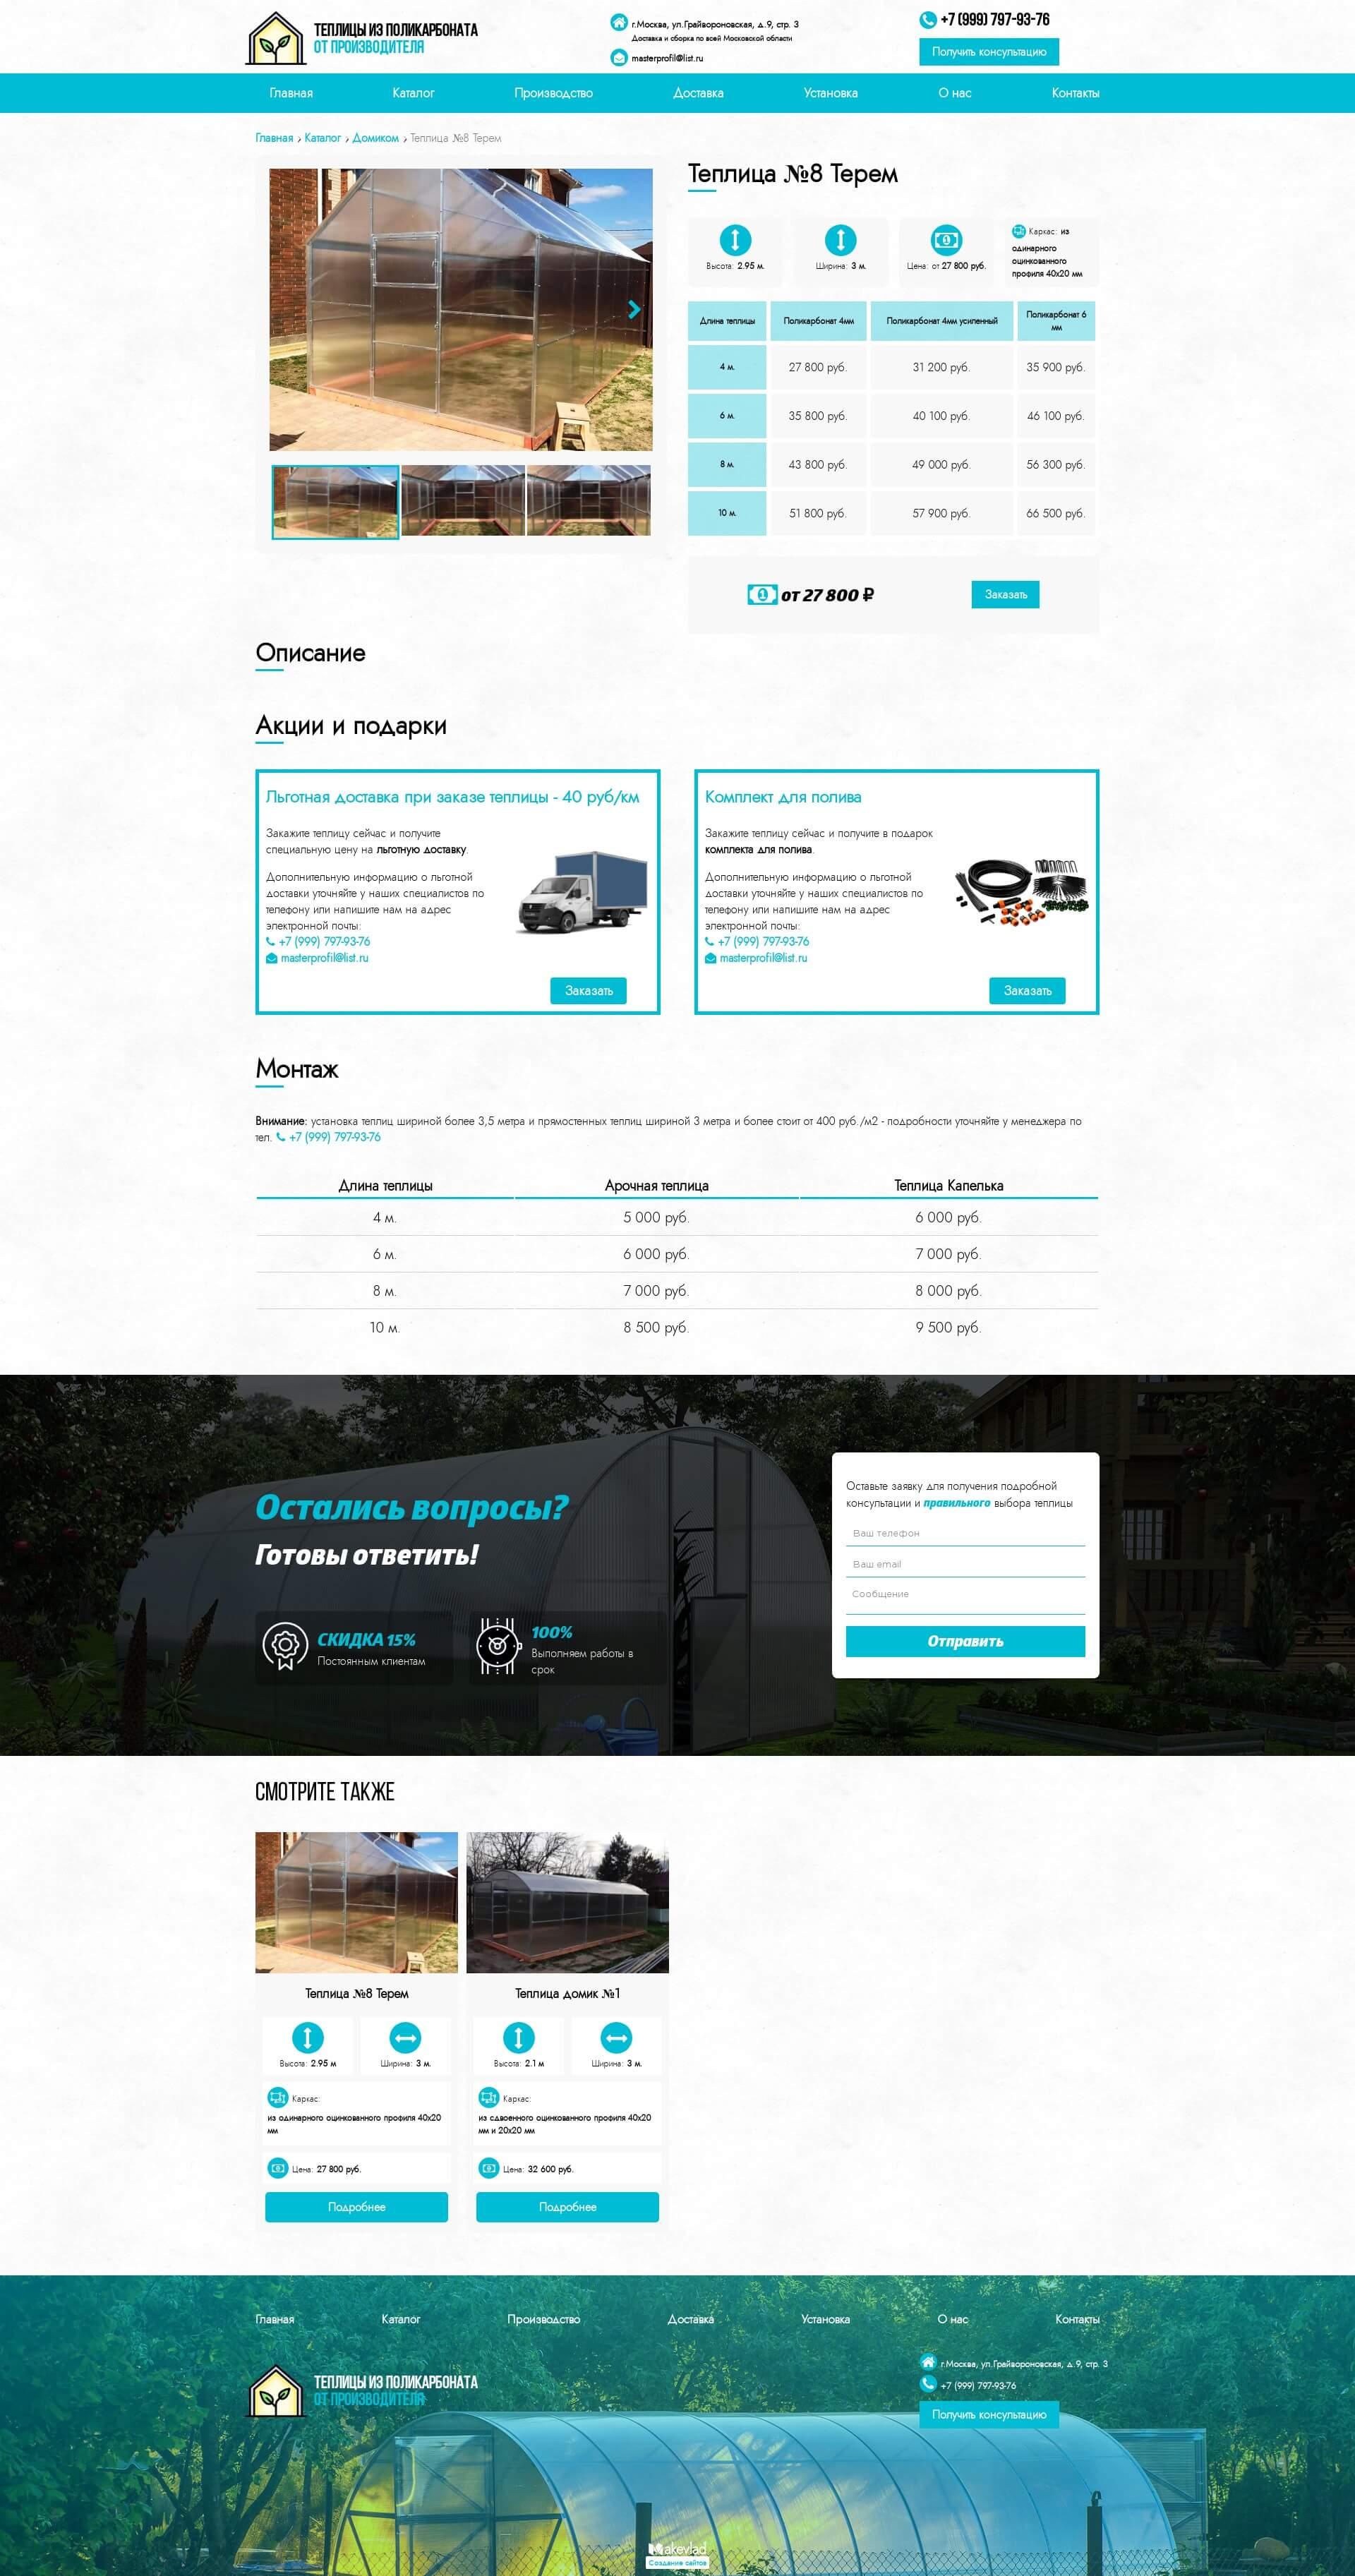 Скриншот №3 страницы сайта во весь экран. Сайт по производству теплиц